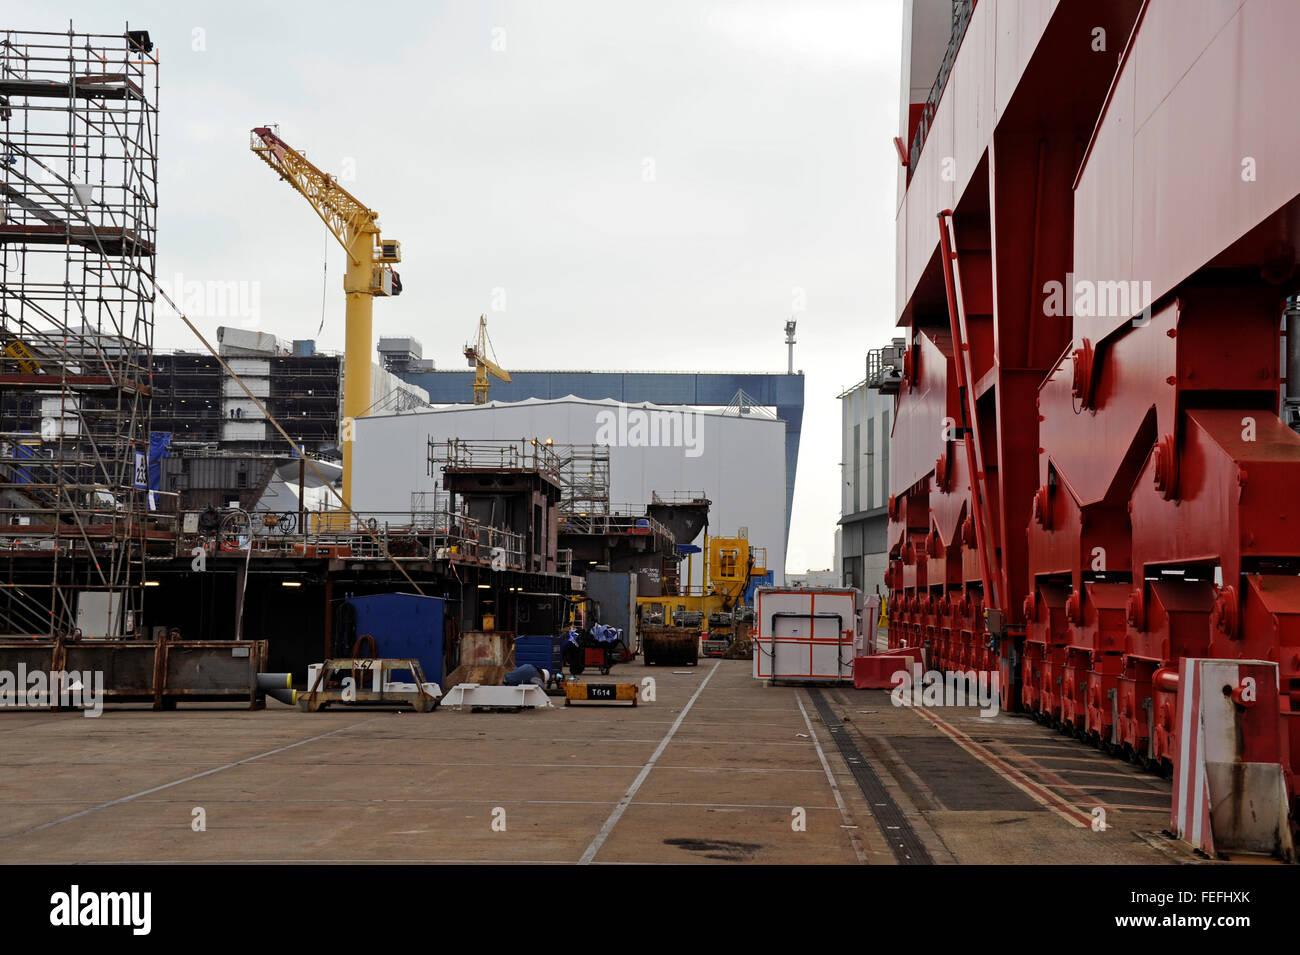 Werft Chantiers de l'Atantique, STX, Saint-Nazaire, Loire-Atlantique, Pays de Loire, Frankreich Stockfoto